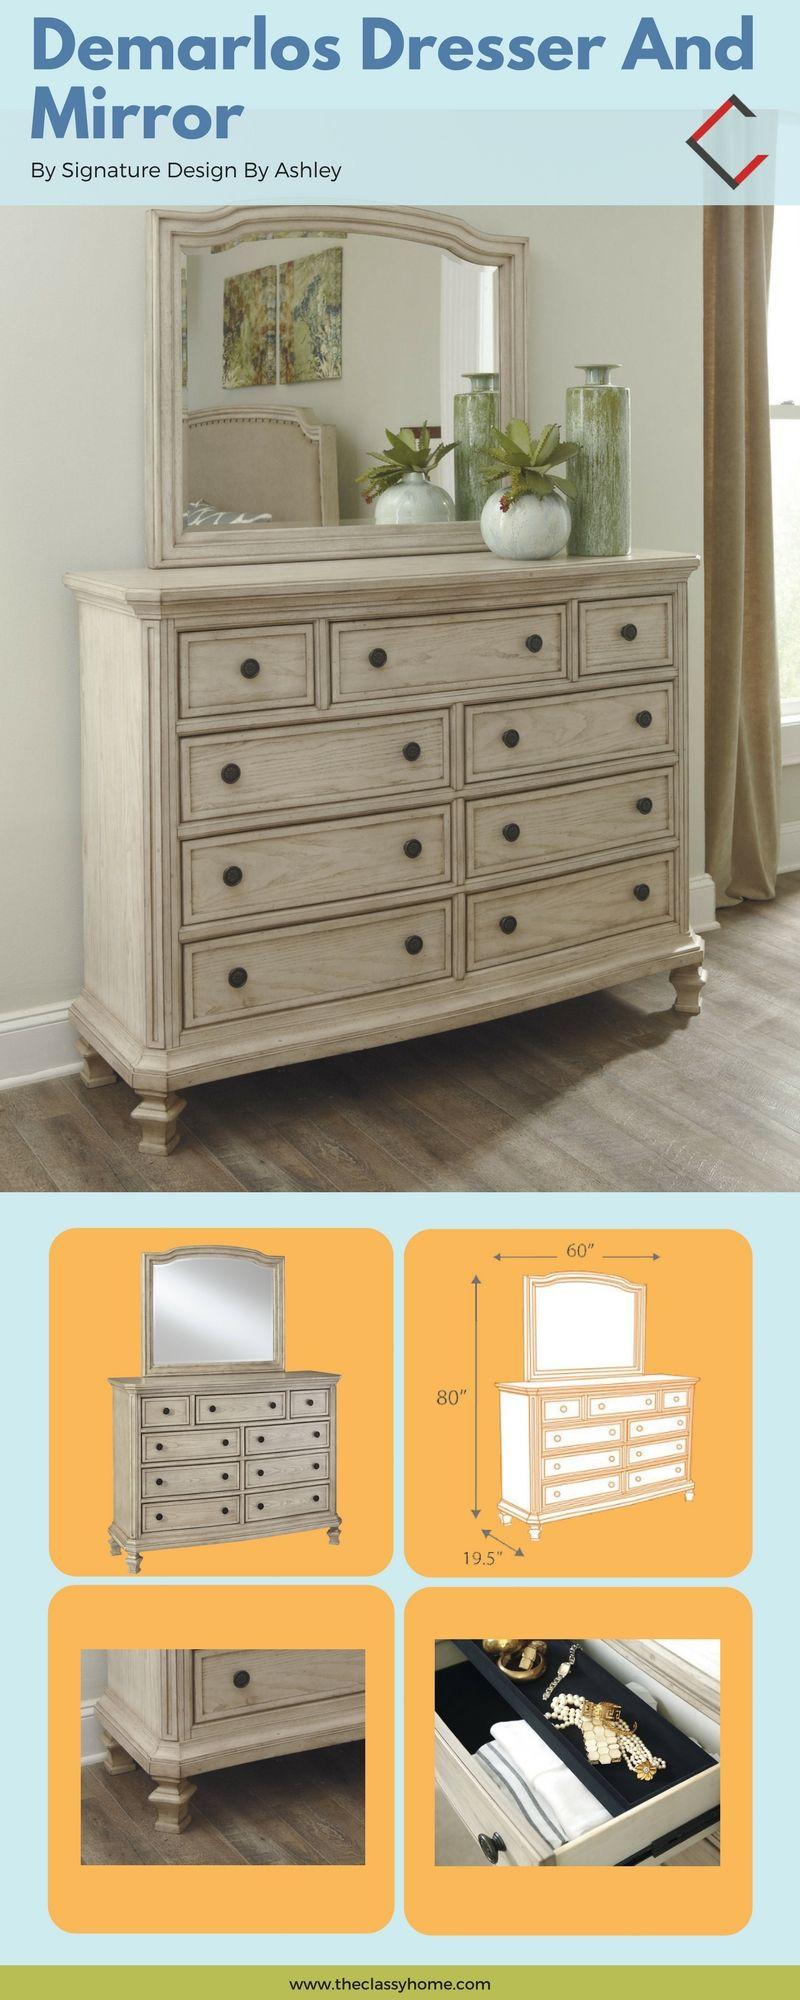 Ashley Furniture Demarlos Dresser And Mirror White Wood Dresser